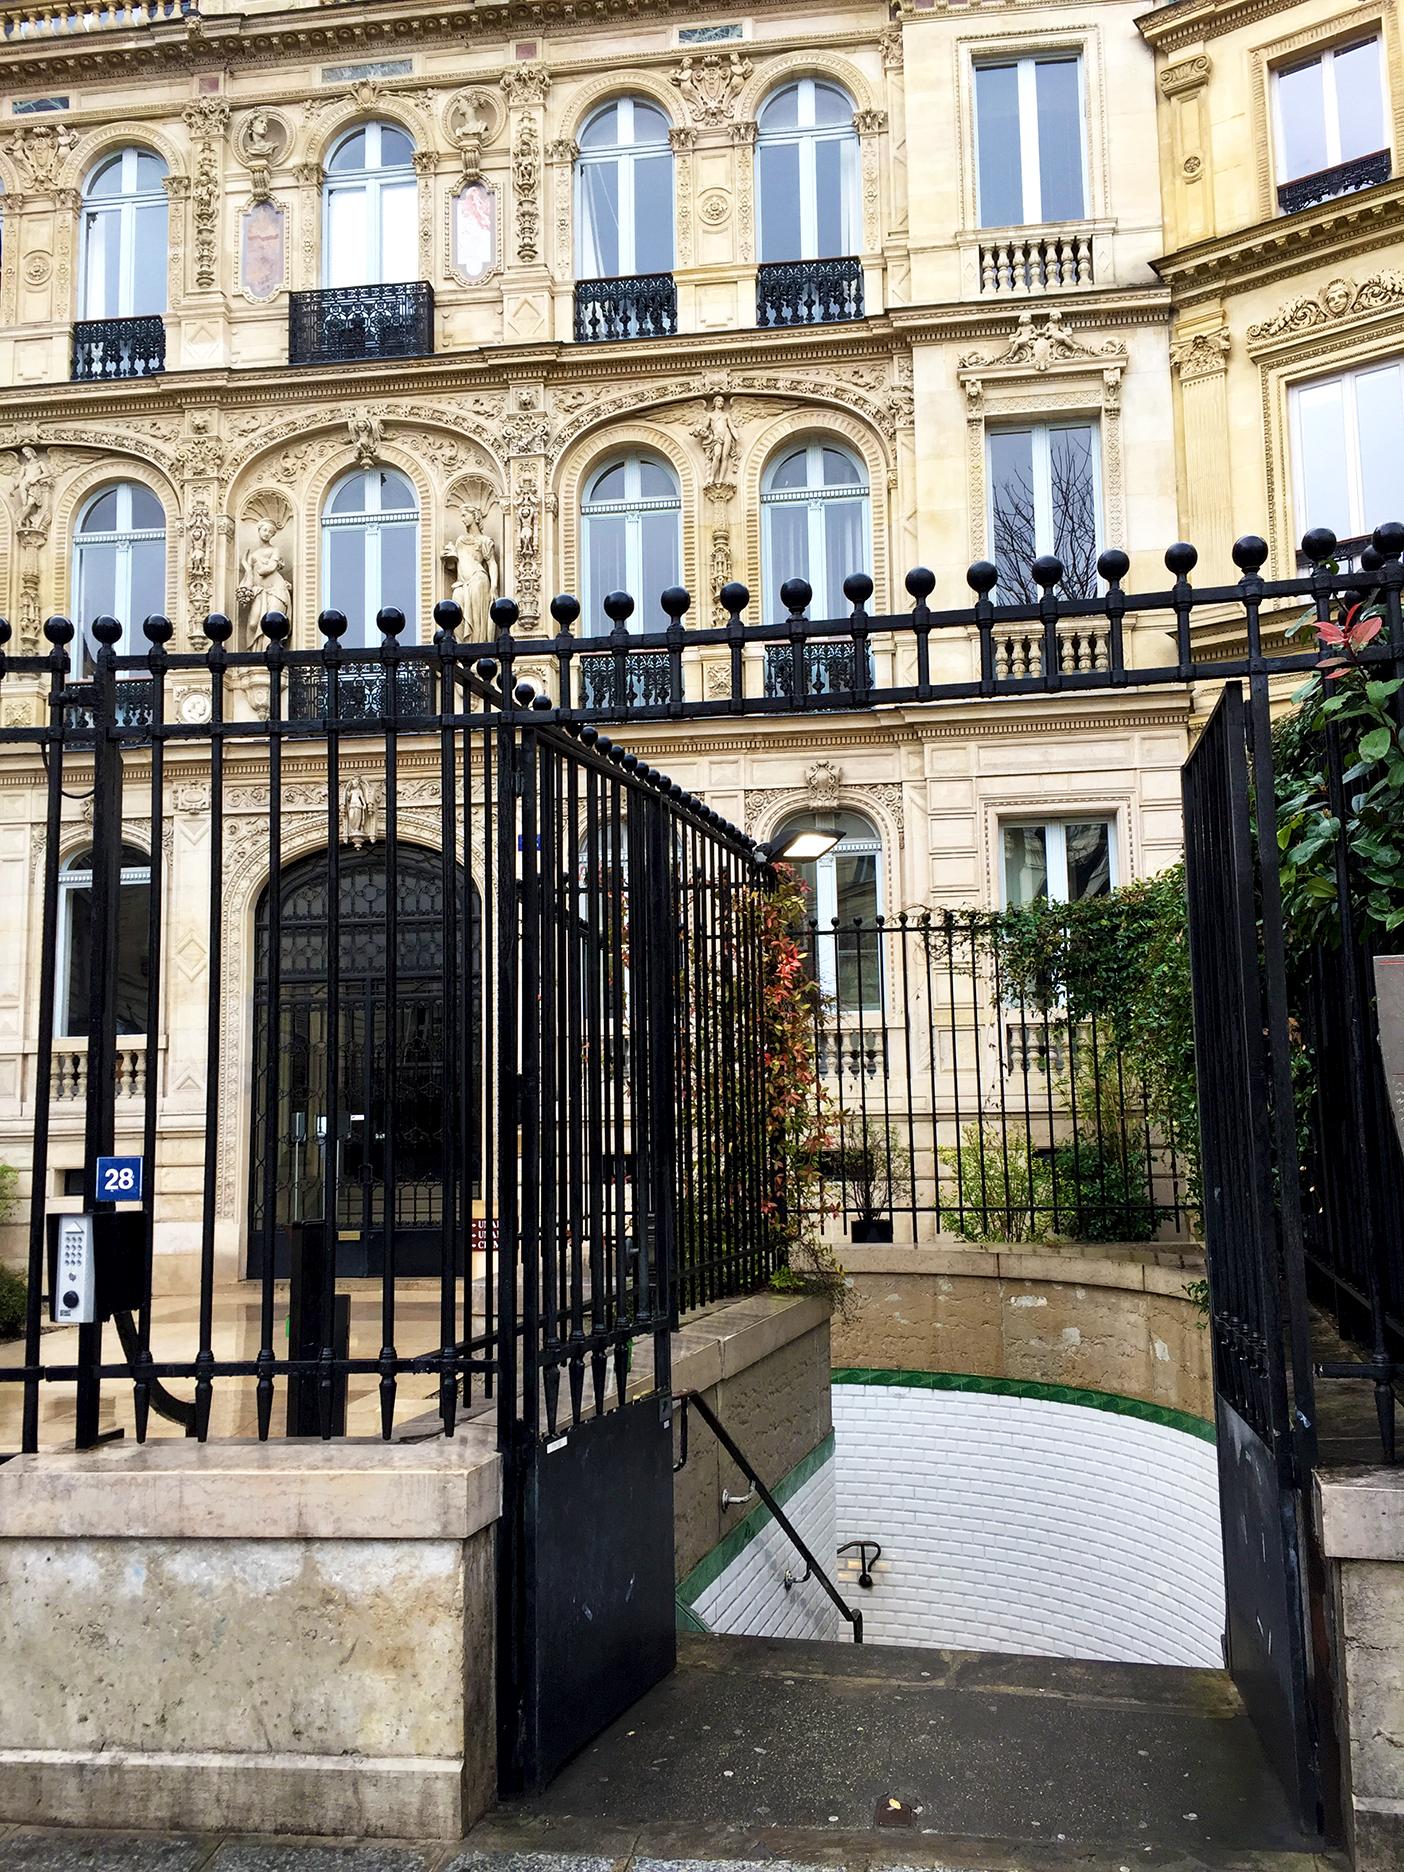 Station Saint-Georges in the 9th arrondissement seems to lead to the basement of the hôtel de la marquise de Païva, built in 1840.